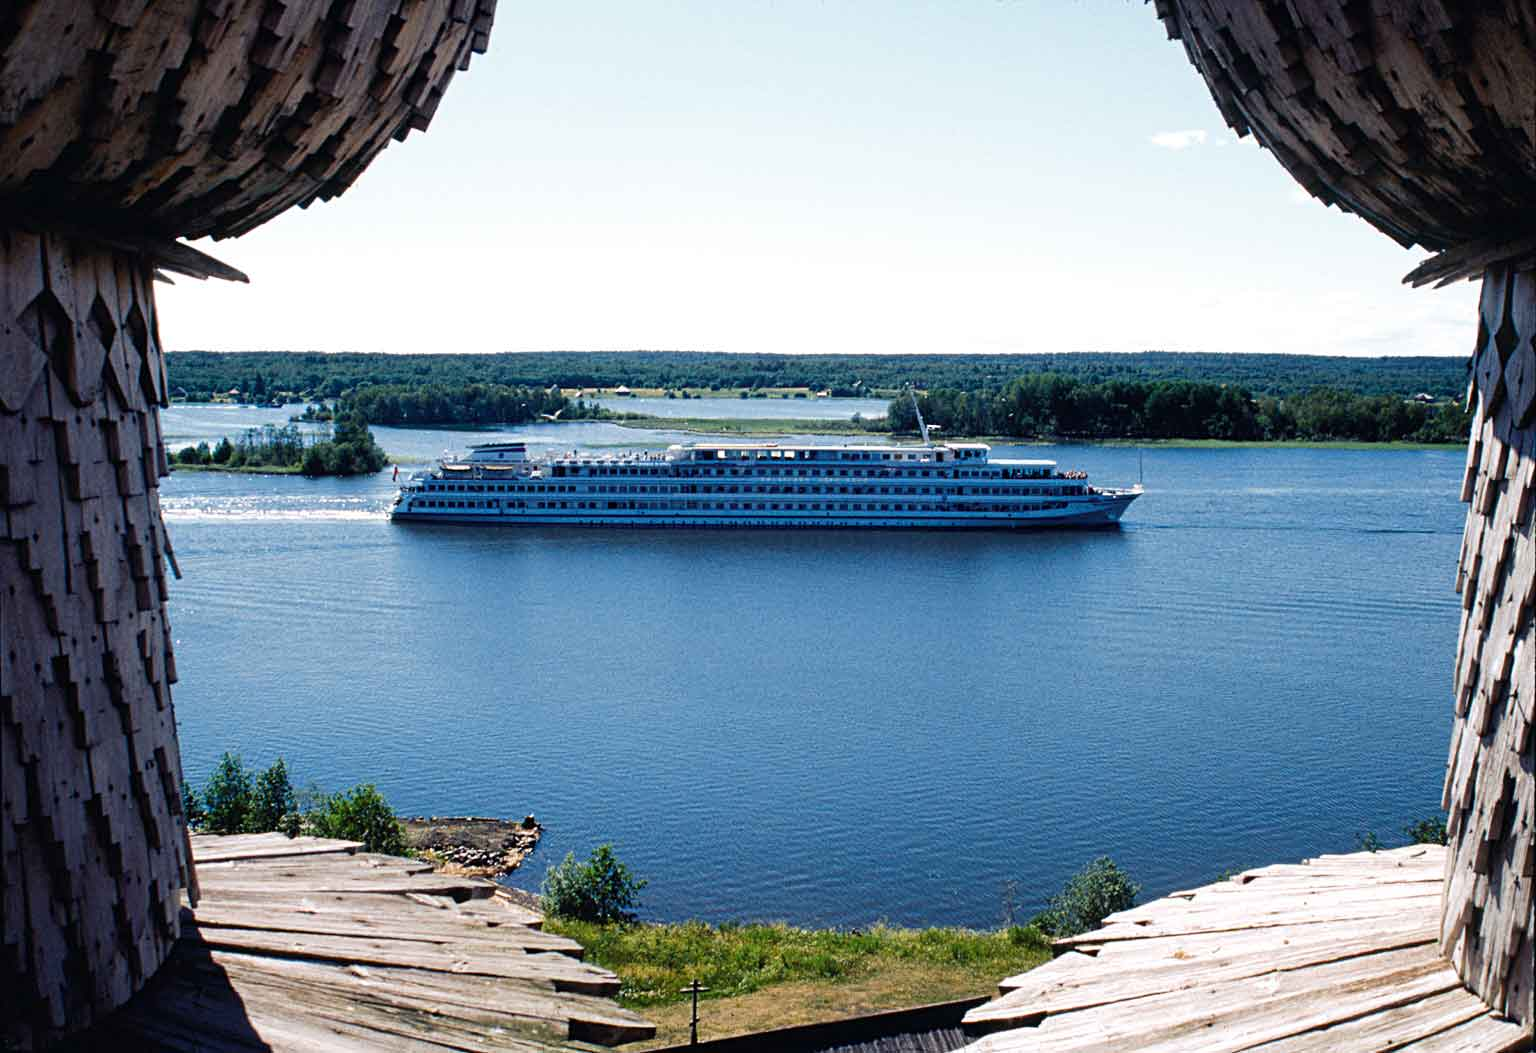 Du thuyền trên sông Volga, khám phá mùa Thu vàng nước Nga